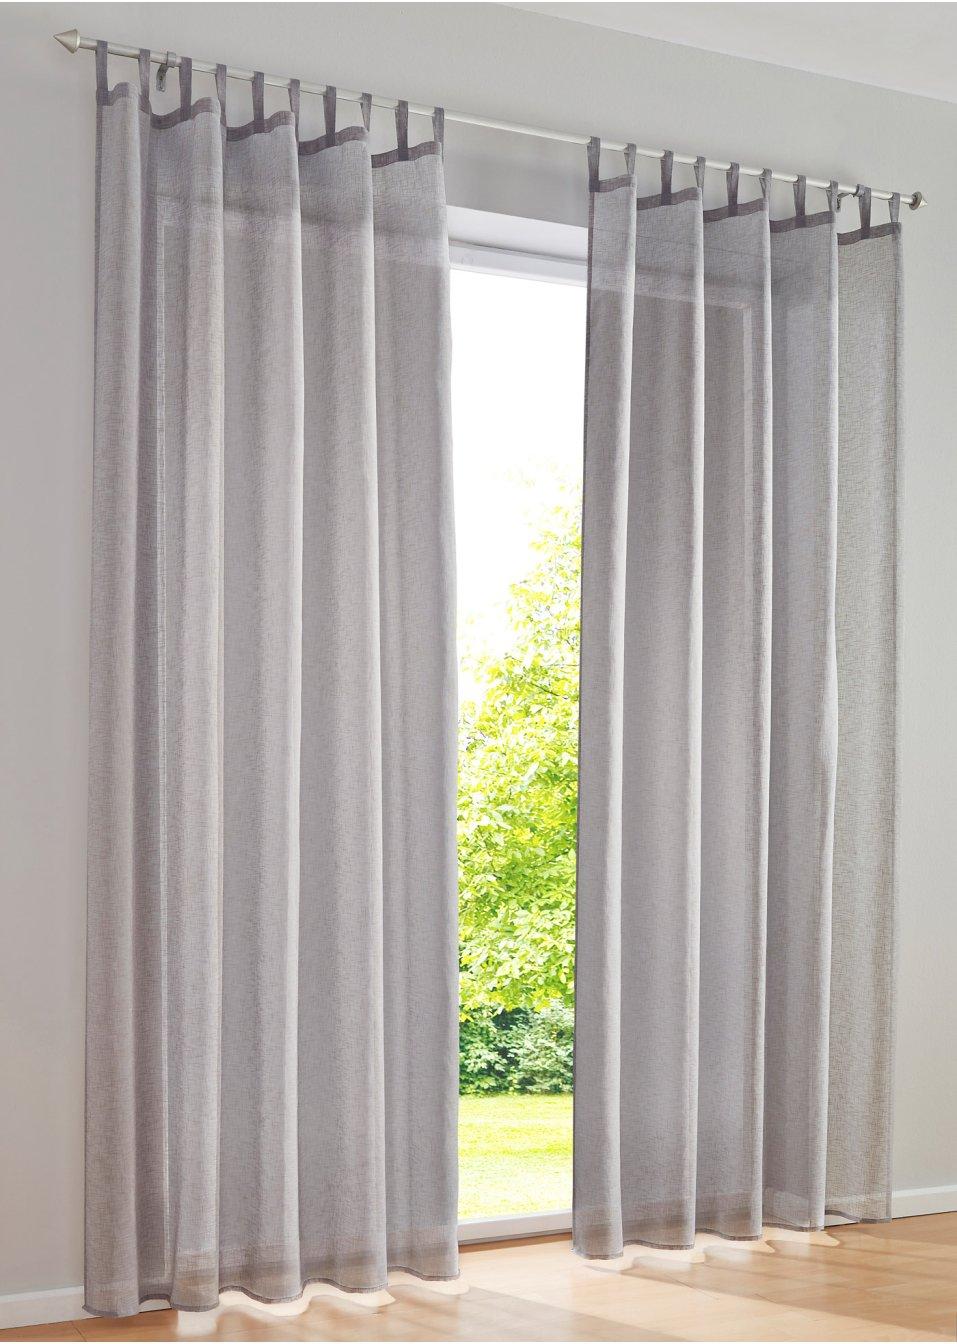 Traumhafte gardinen & vorhänge in grau bei bonprix